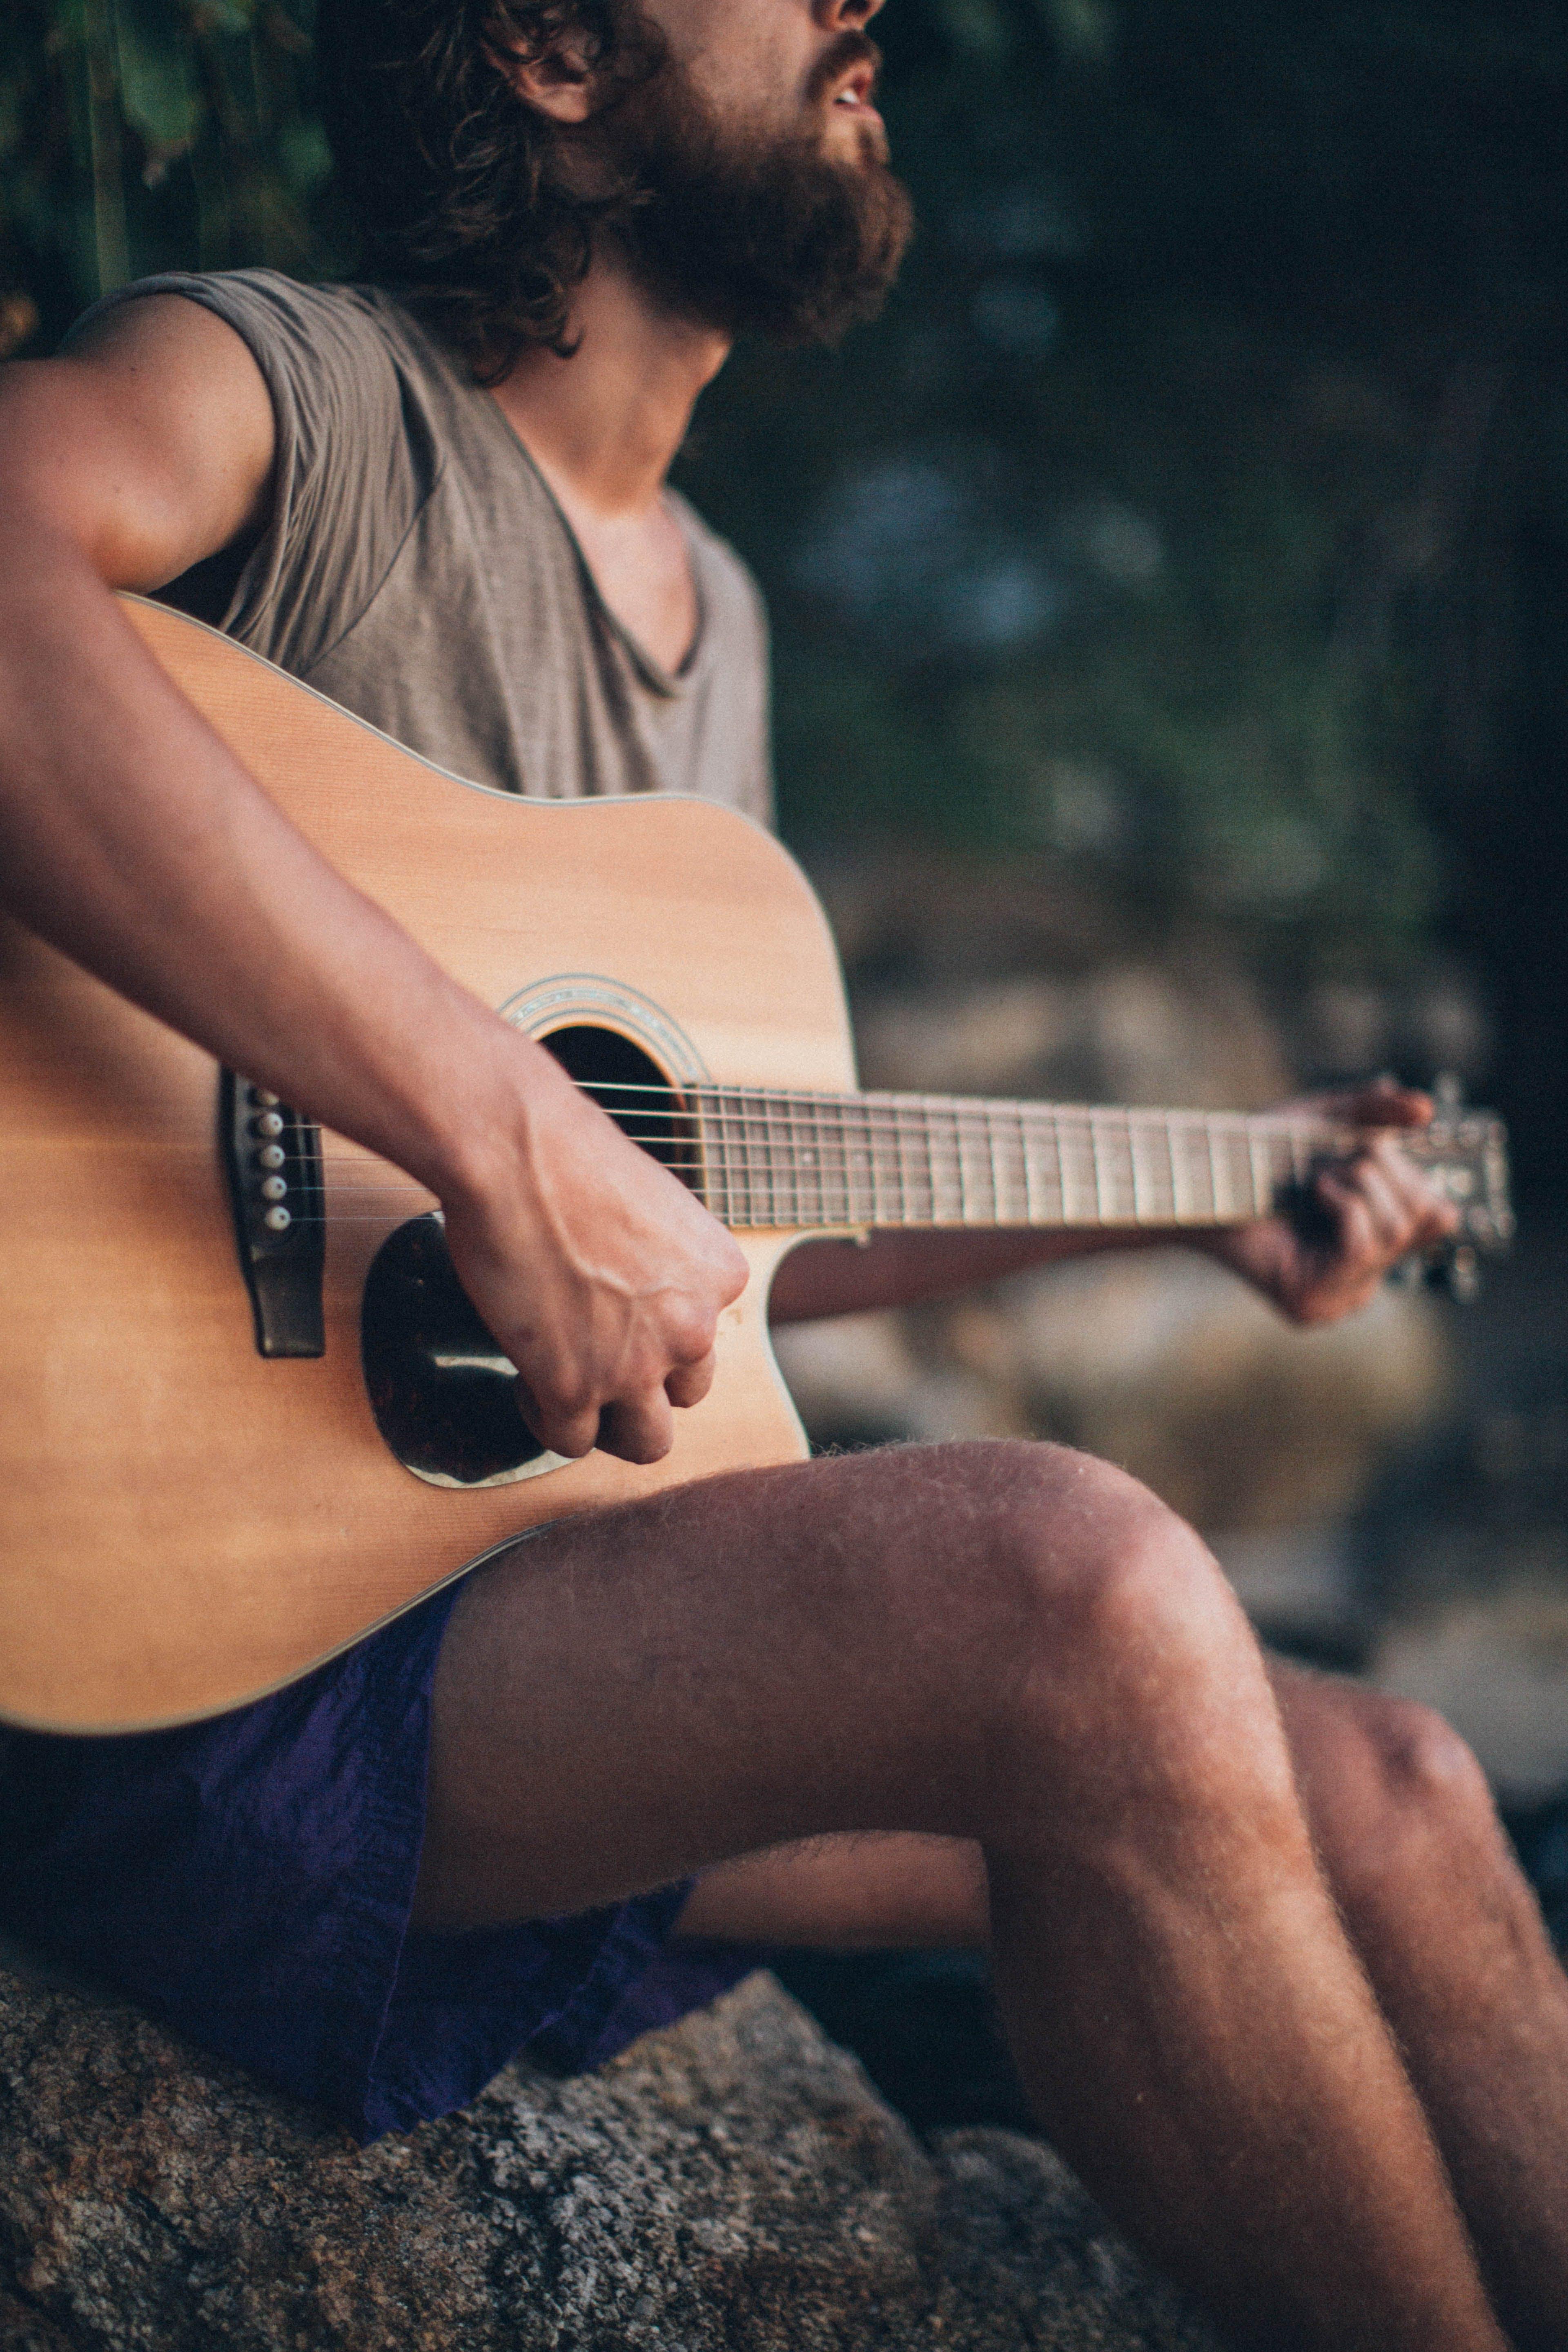 Man Sitting on Rock Playing Guitar